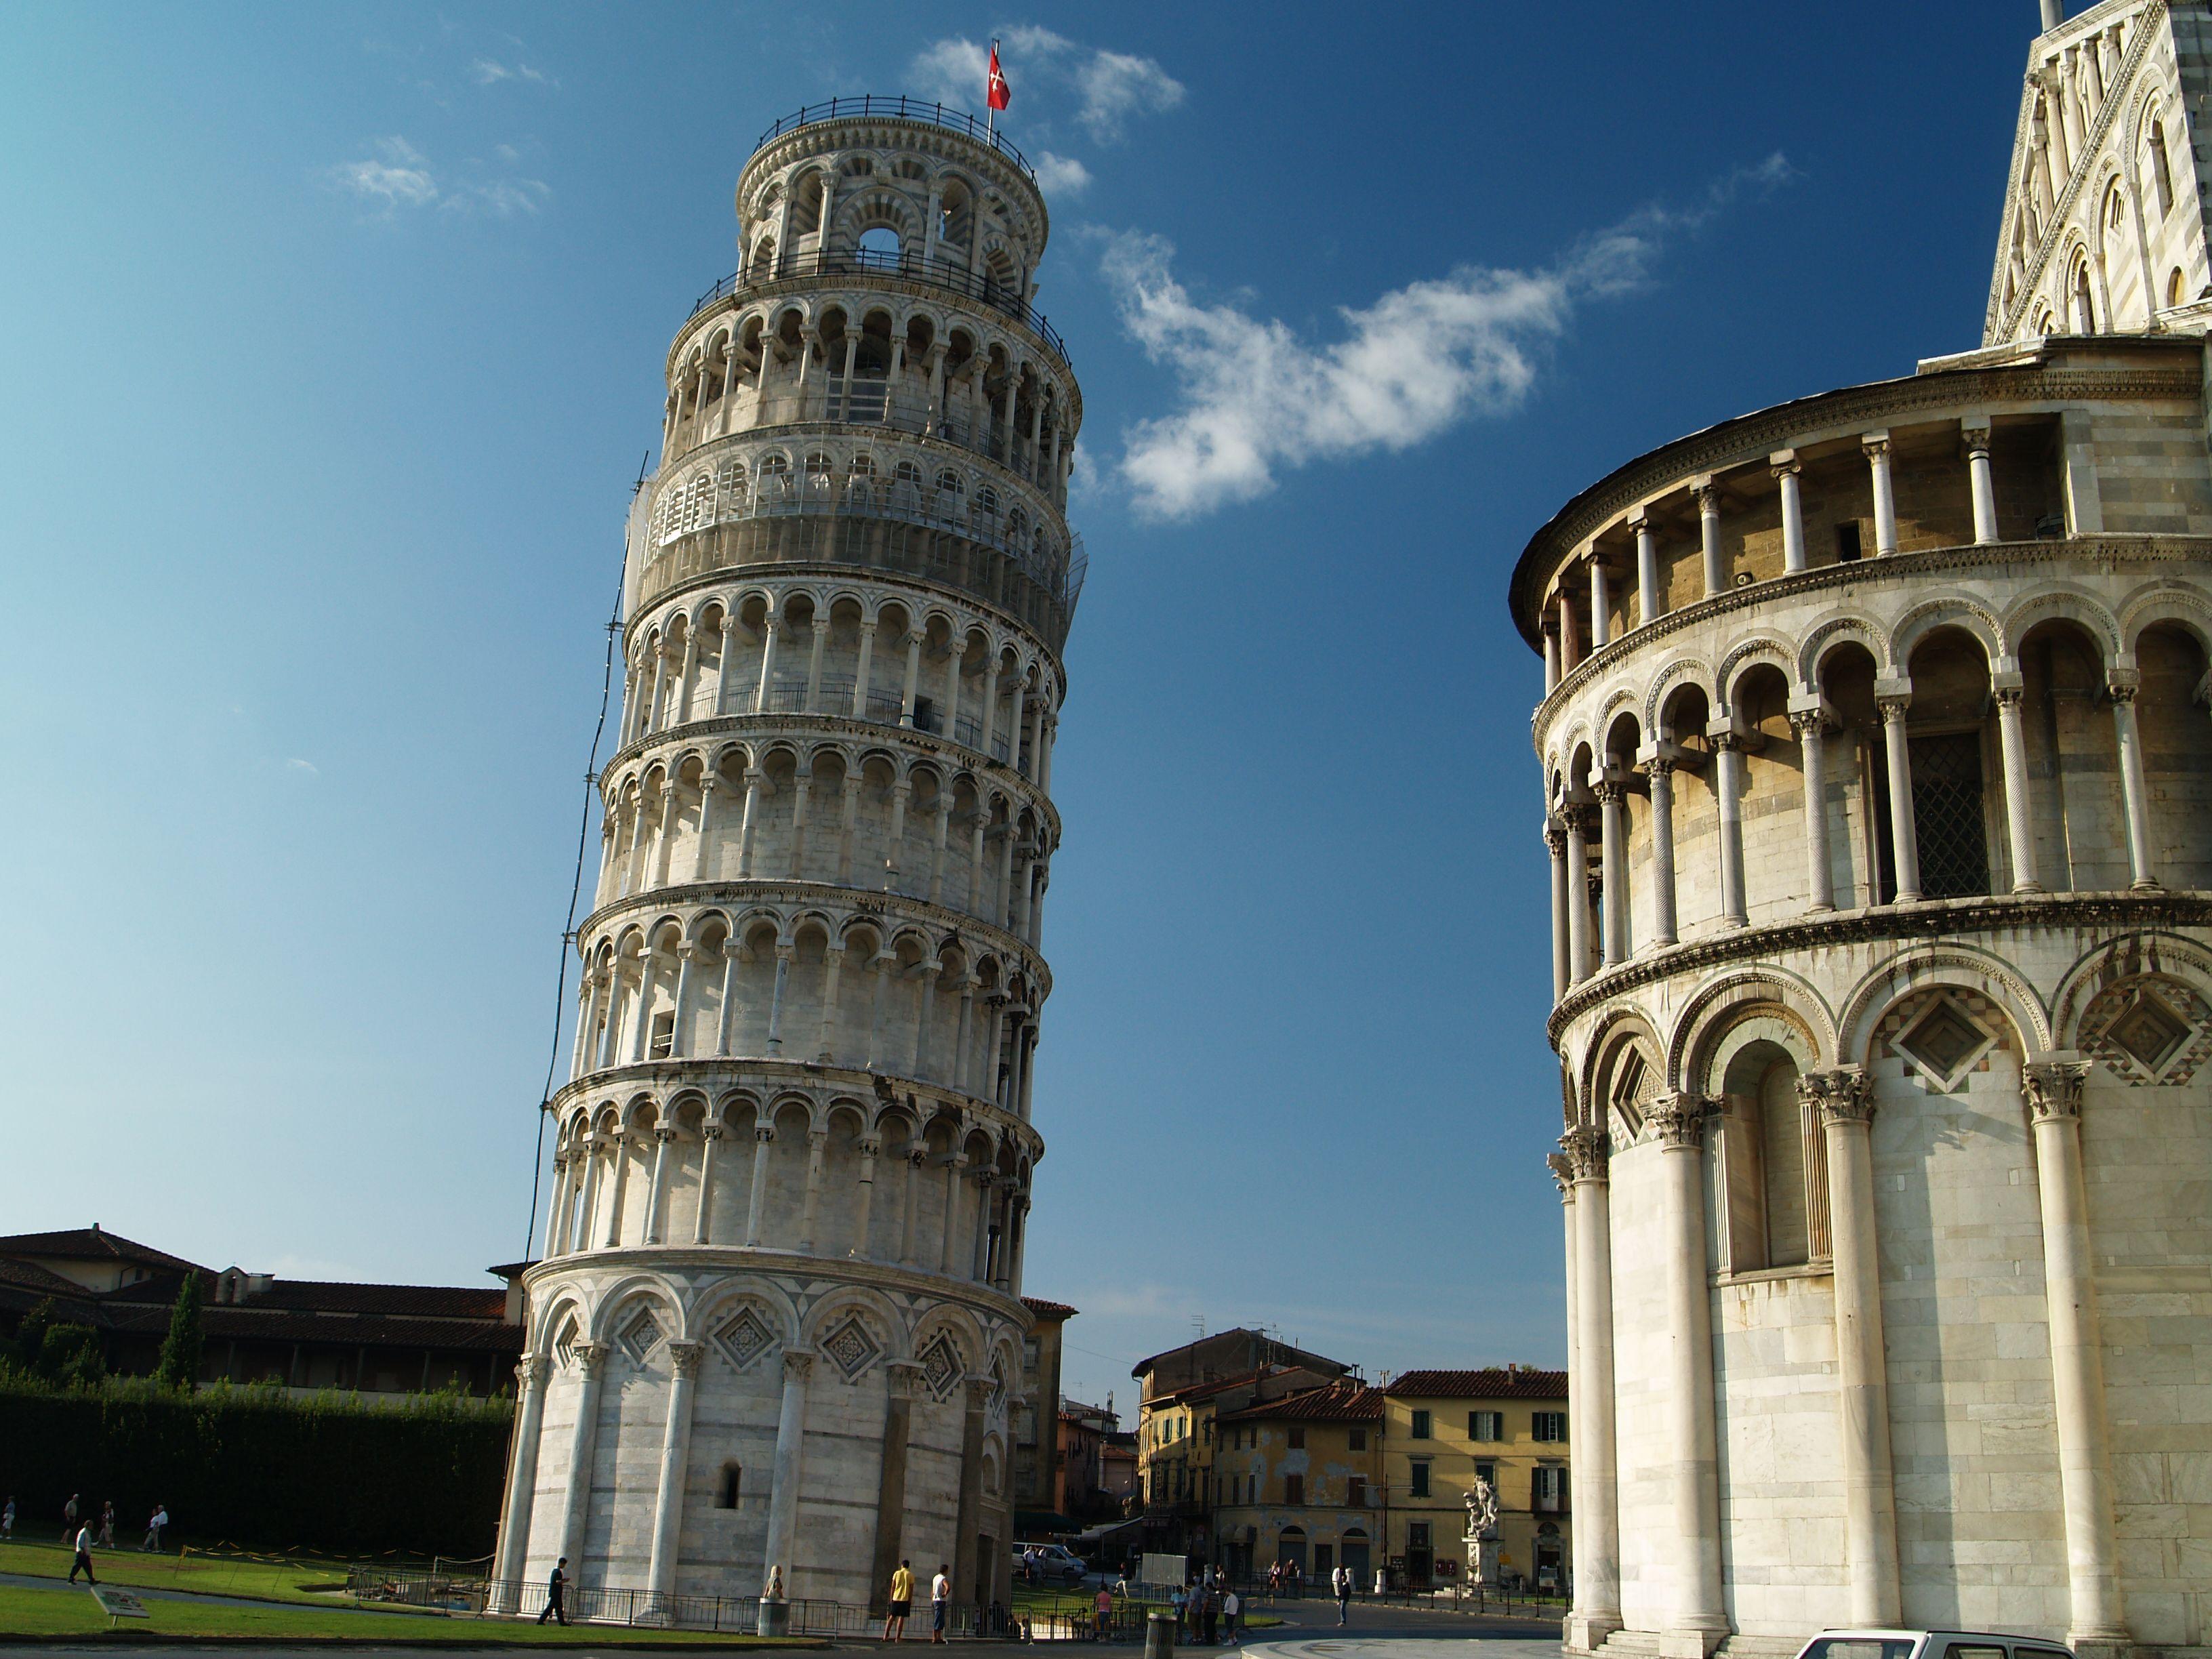 его картинка с пизанскими башнями цена